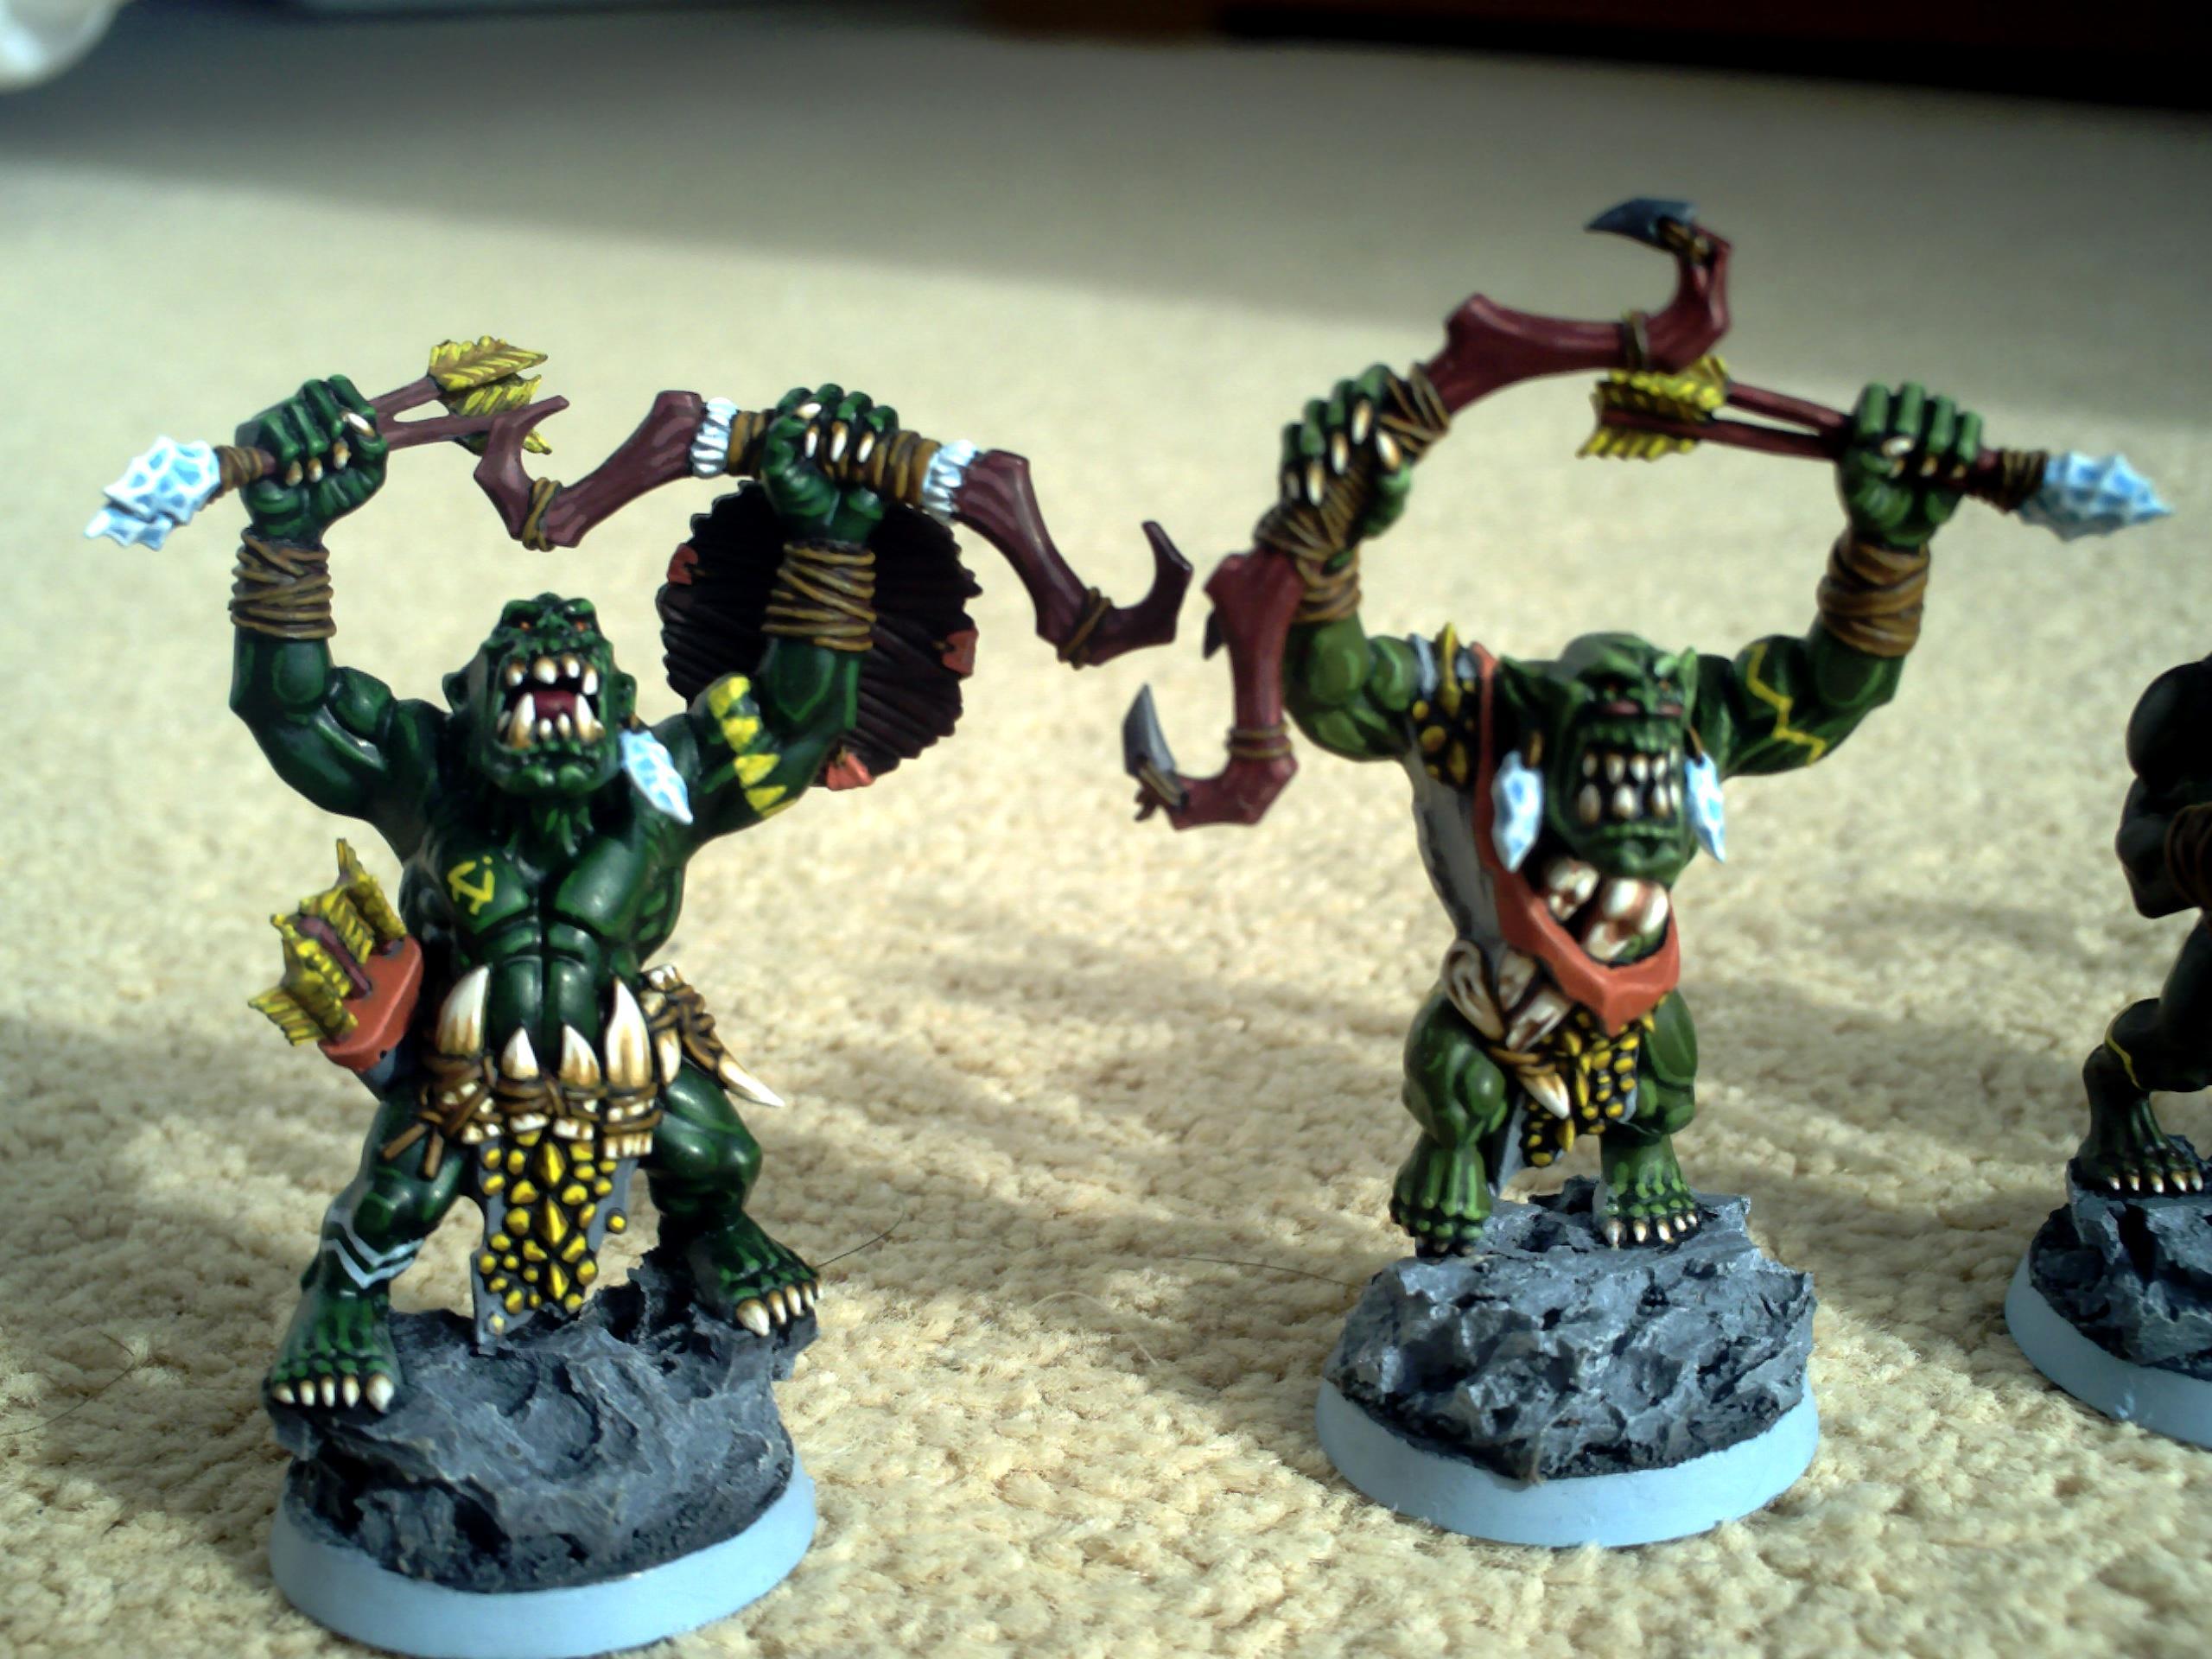 Feral, Orcs, Savage, Boyz 1 + 2 (front)